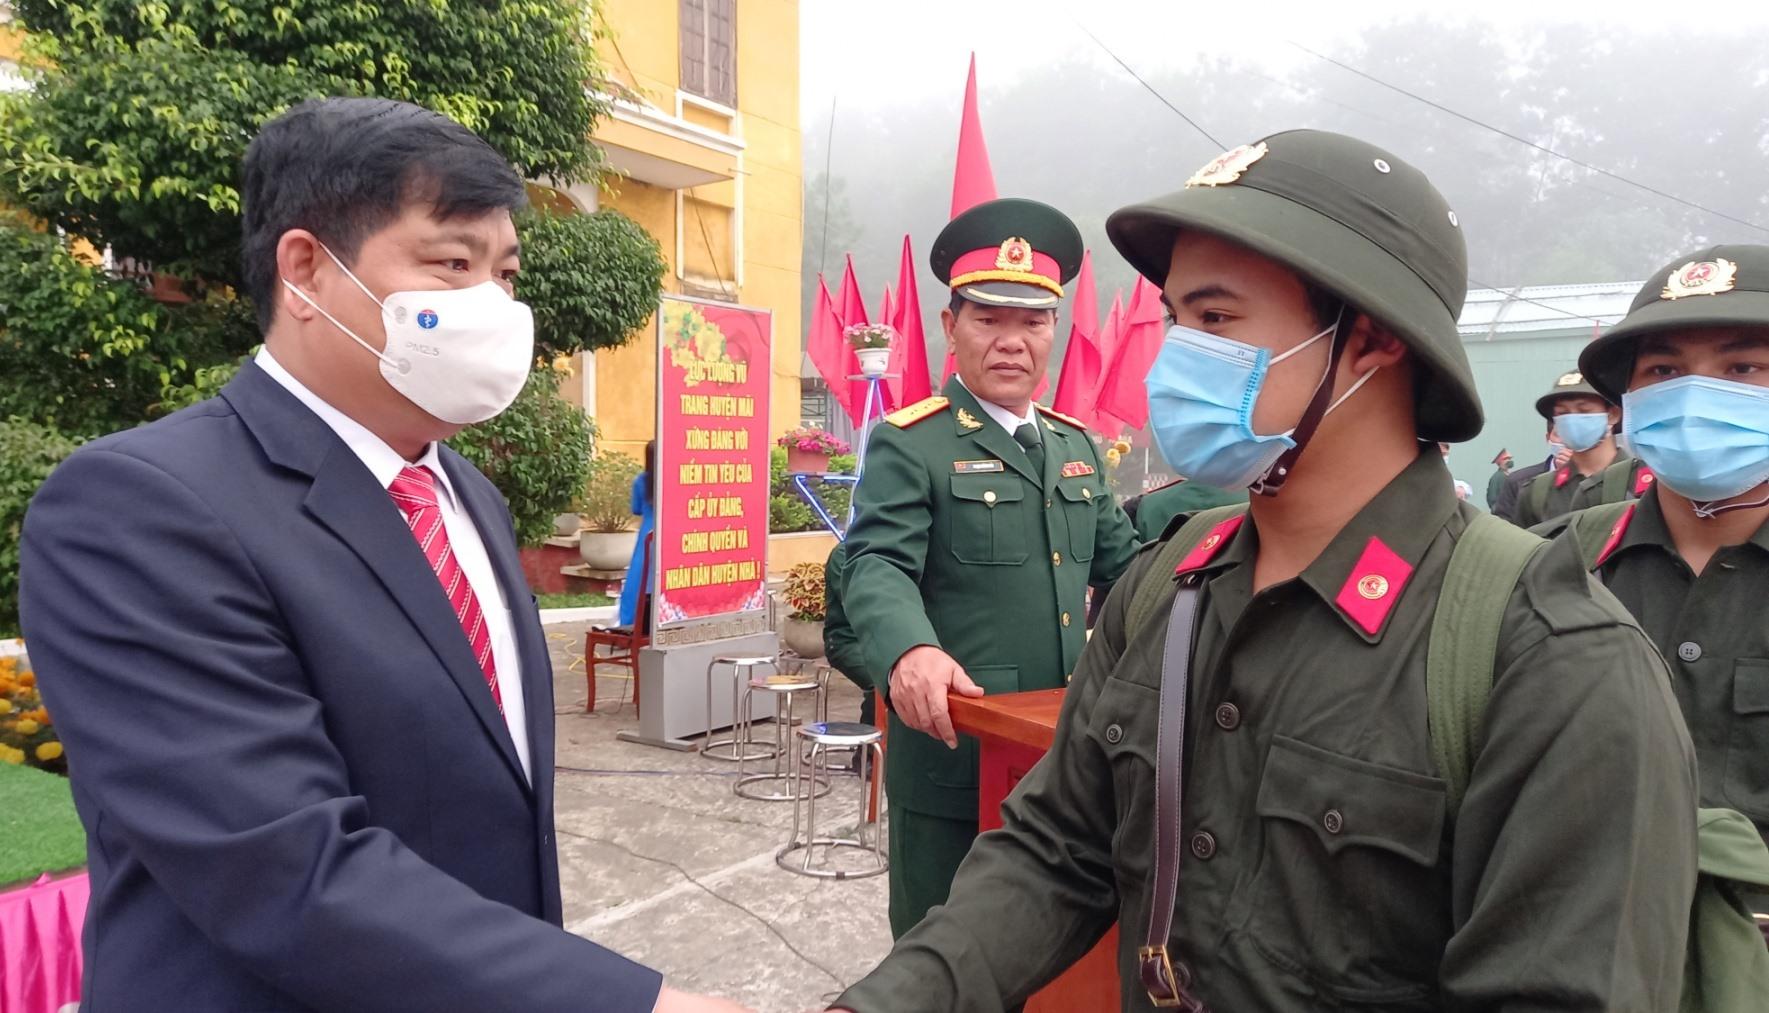 Ông Nguyễn Mạnh Hà, UVBTV, Trưởng Ban nội chính Tỉnh ủy bắt tay động viên các tân binh